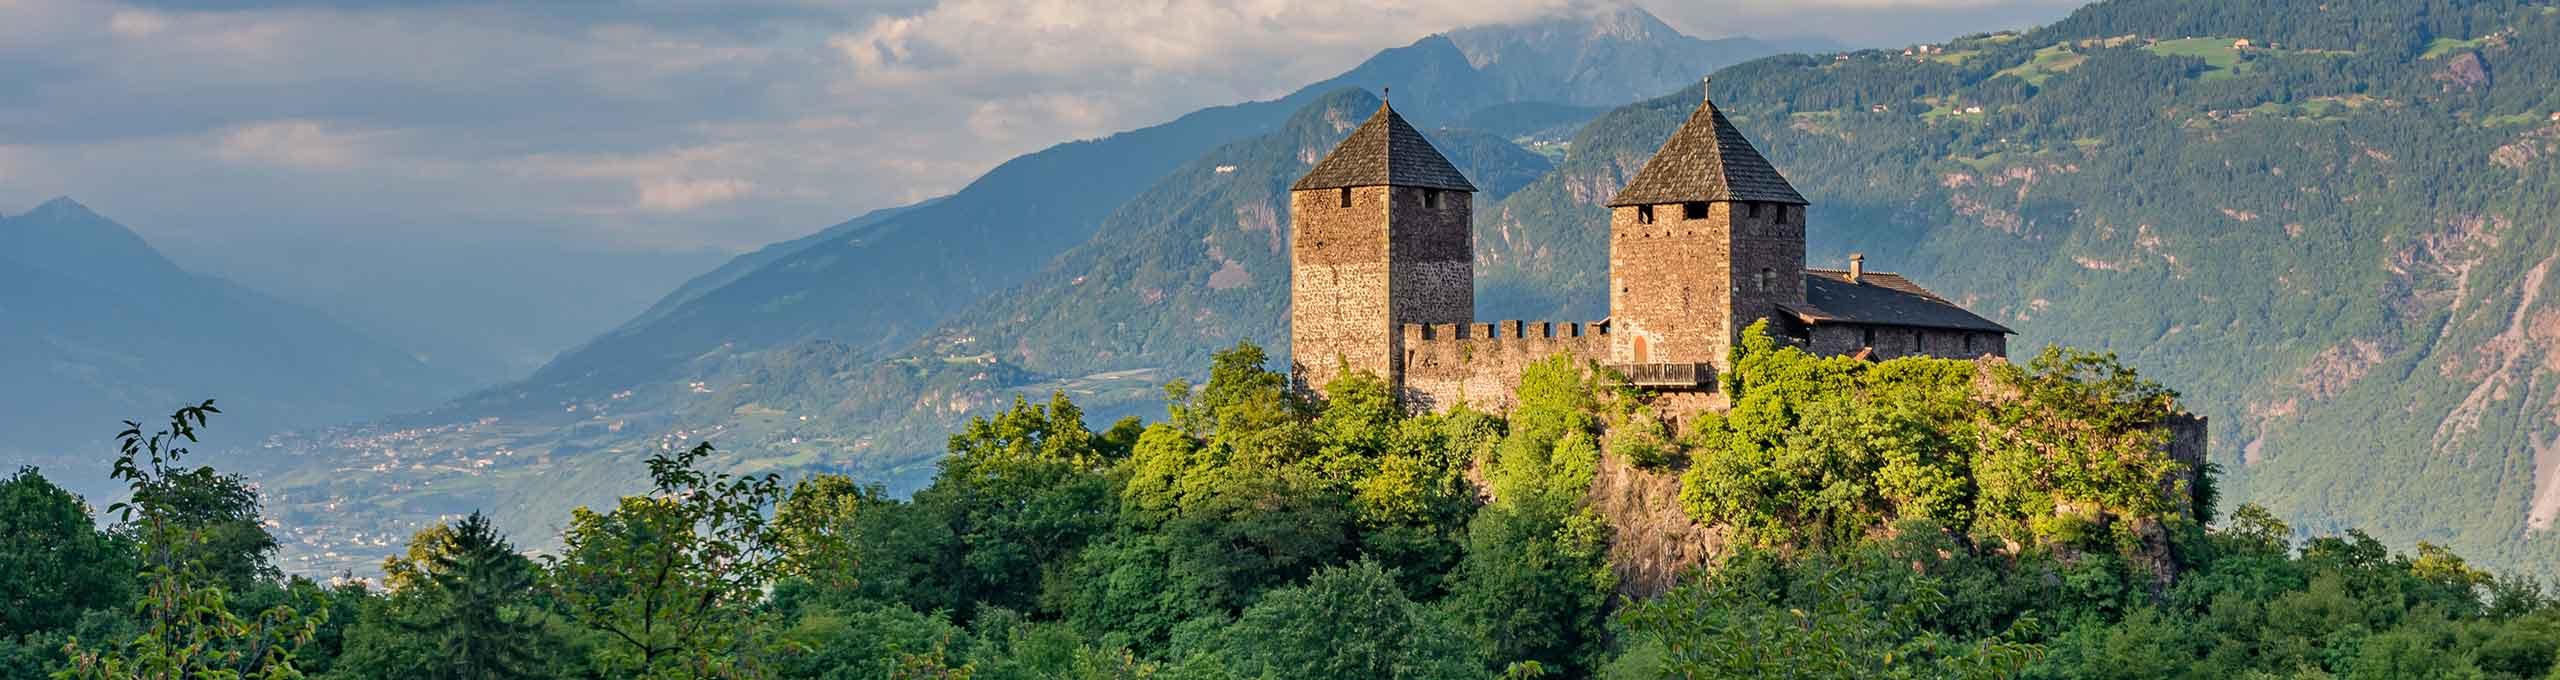 Castel Leone, nello sfondo Picco Ivigno